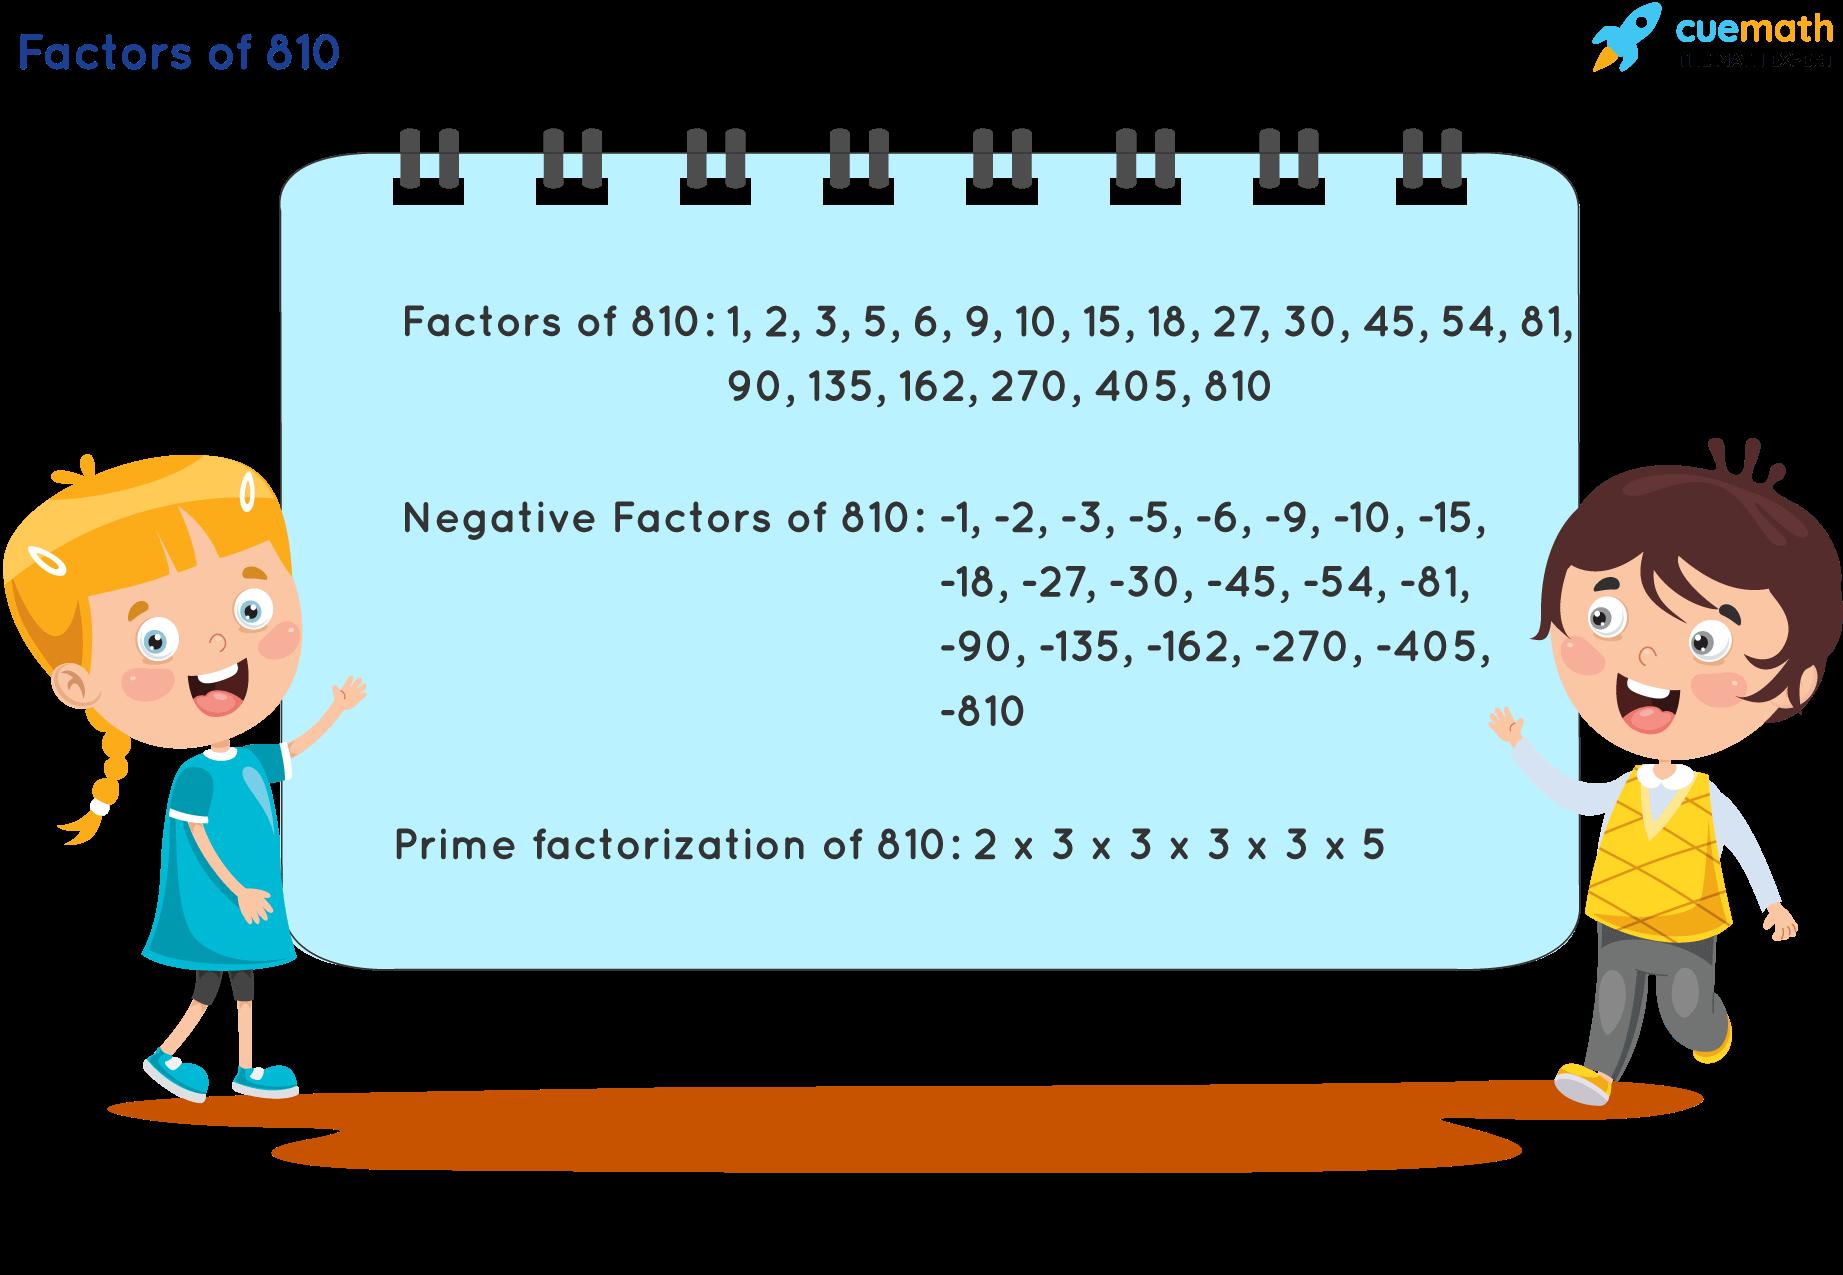 Factors of 810